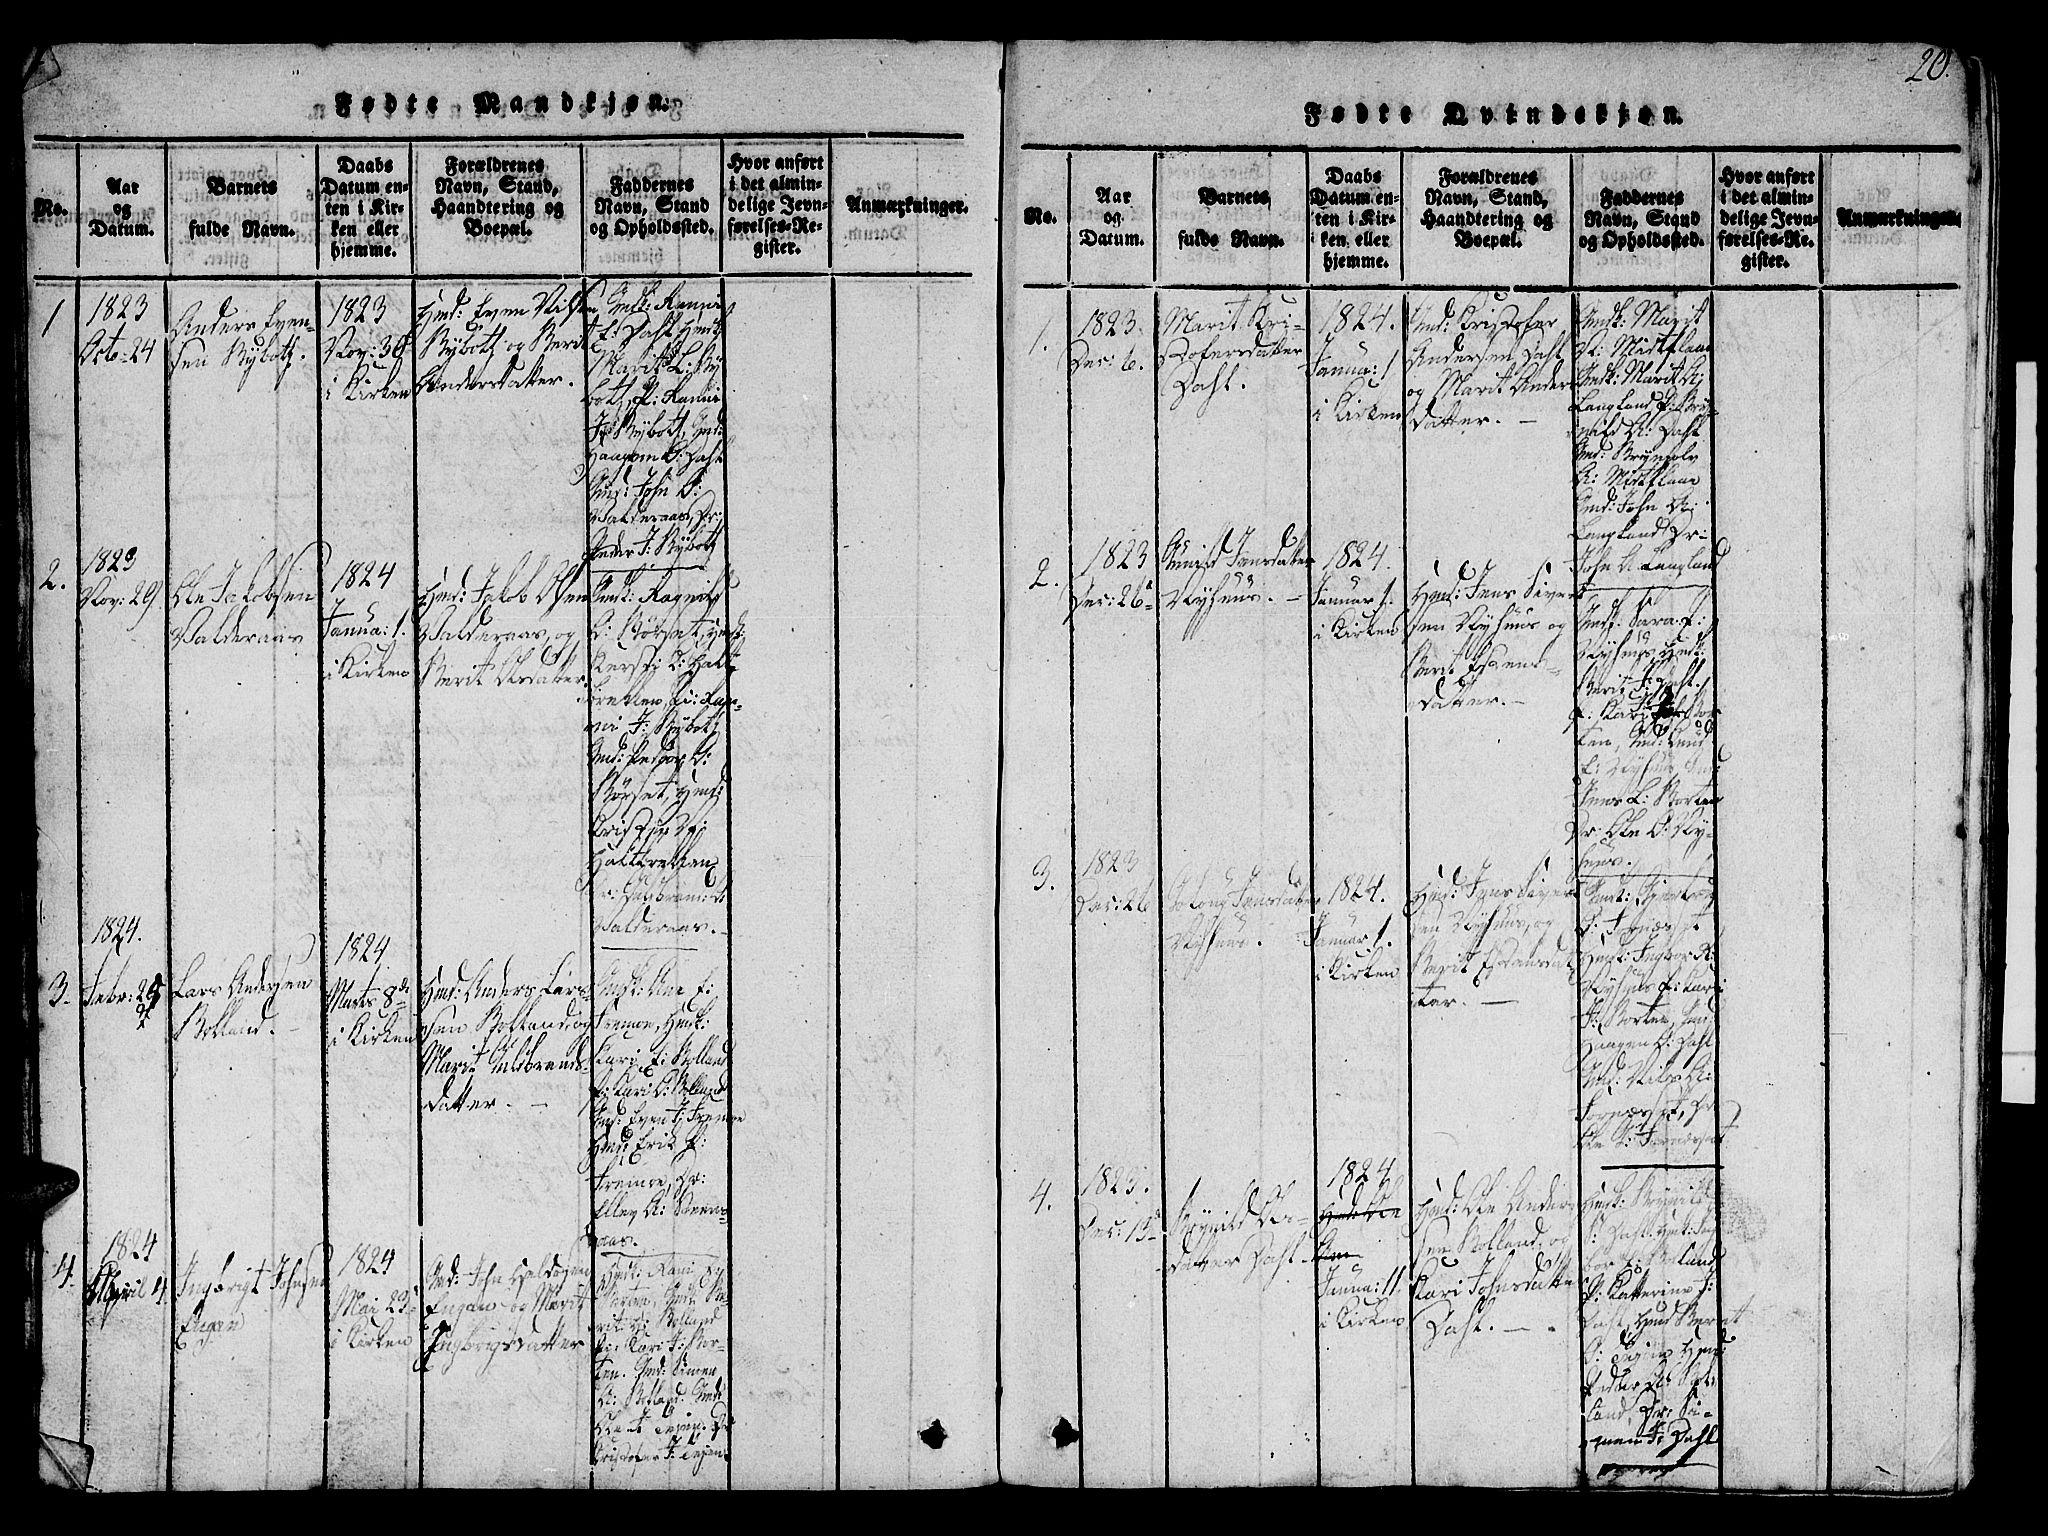 SAT, Ministerialprotokoller, klokkerbøker og fødselsregistre - Sør-Trøndelag, 693/L1121: Klokkerbok nr. 693C02, 1816-1869, s. 20